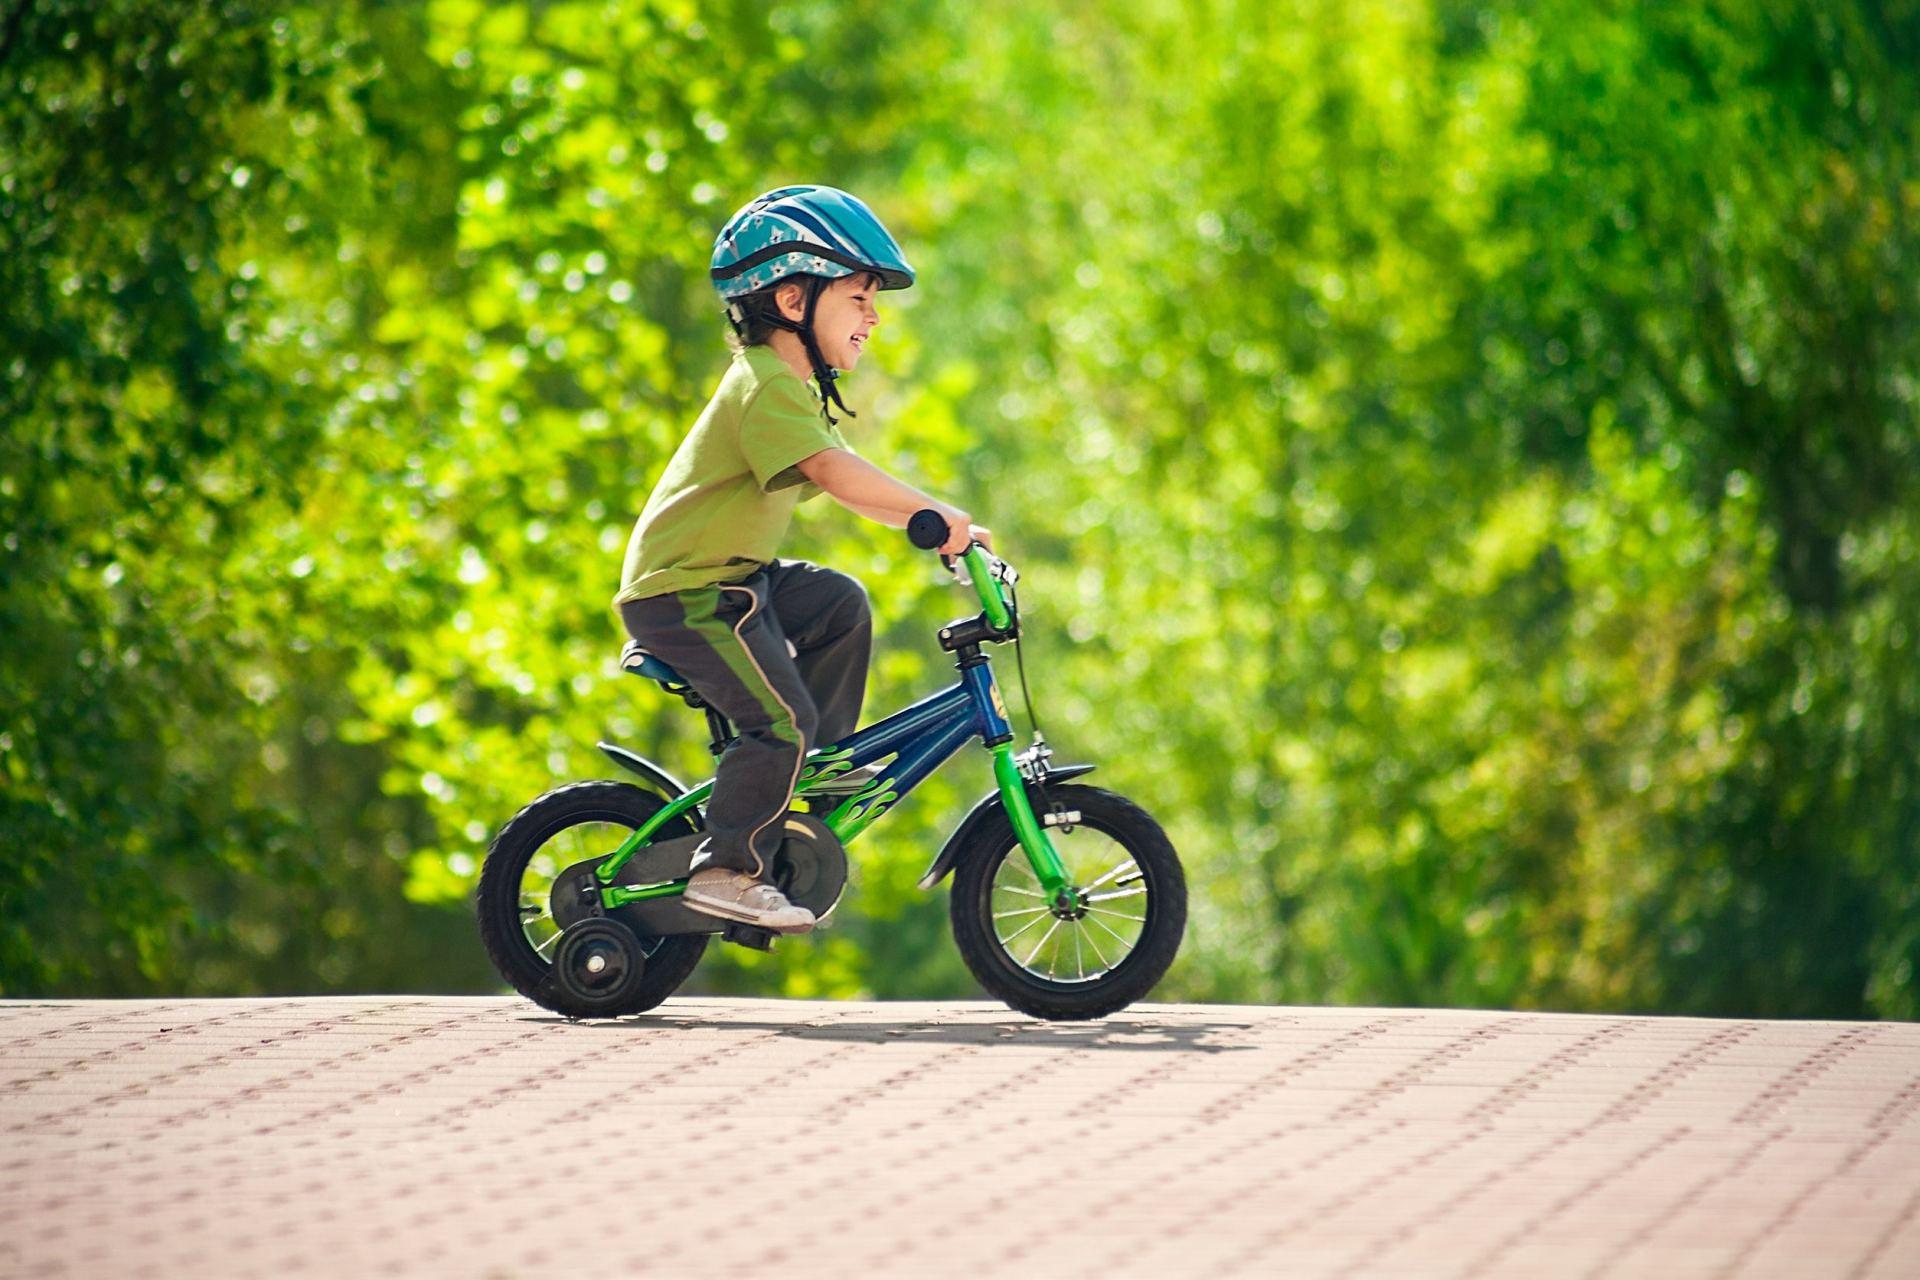 nuo-kokio-amžiaus-leidziama-vaziuoti-dviraciais